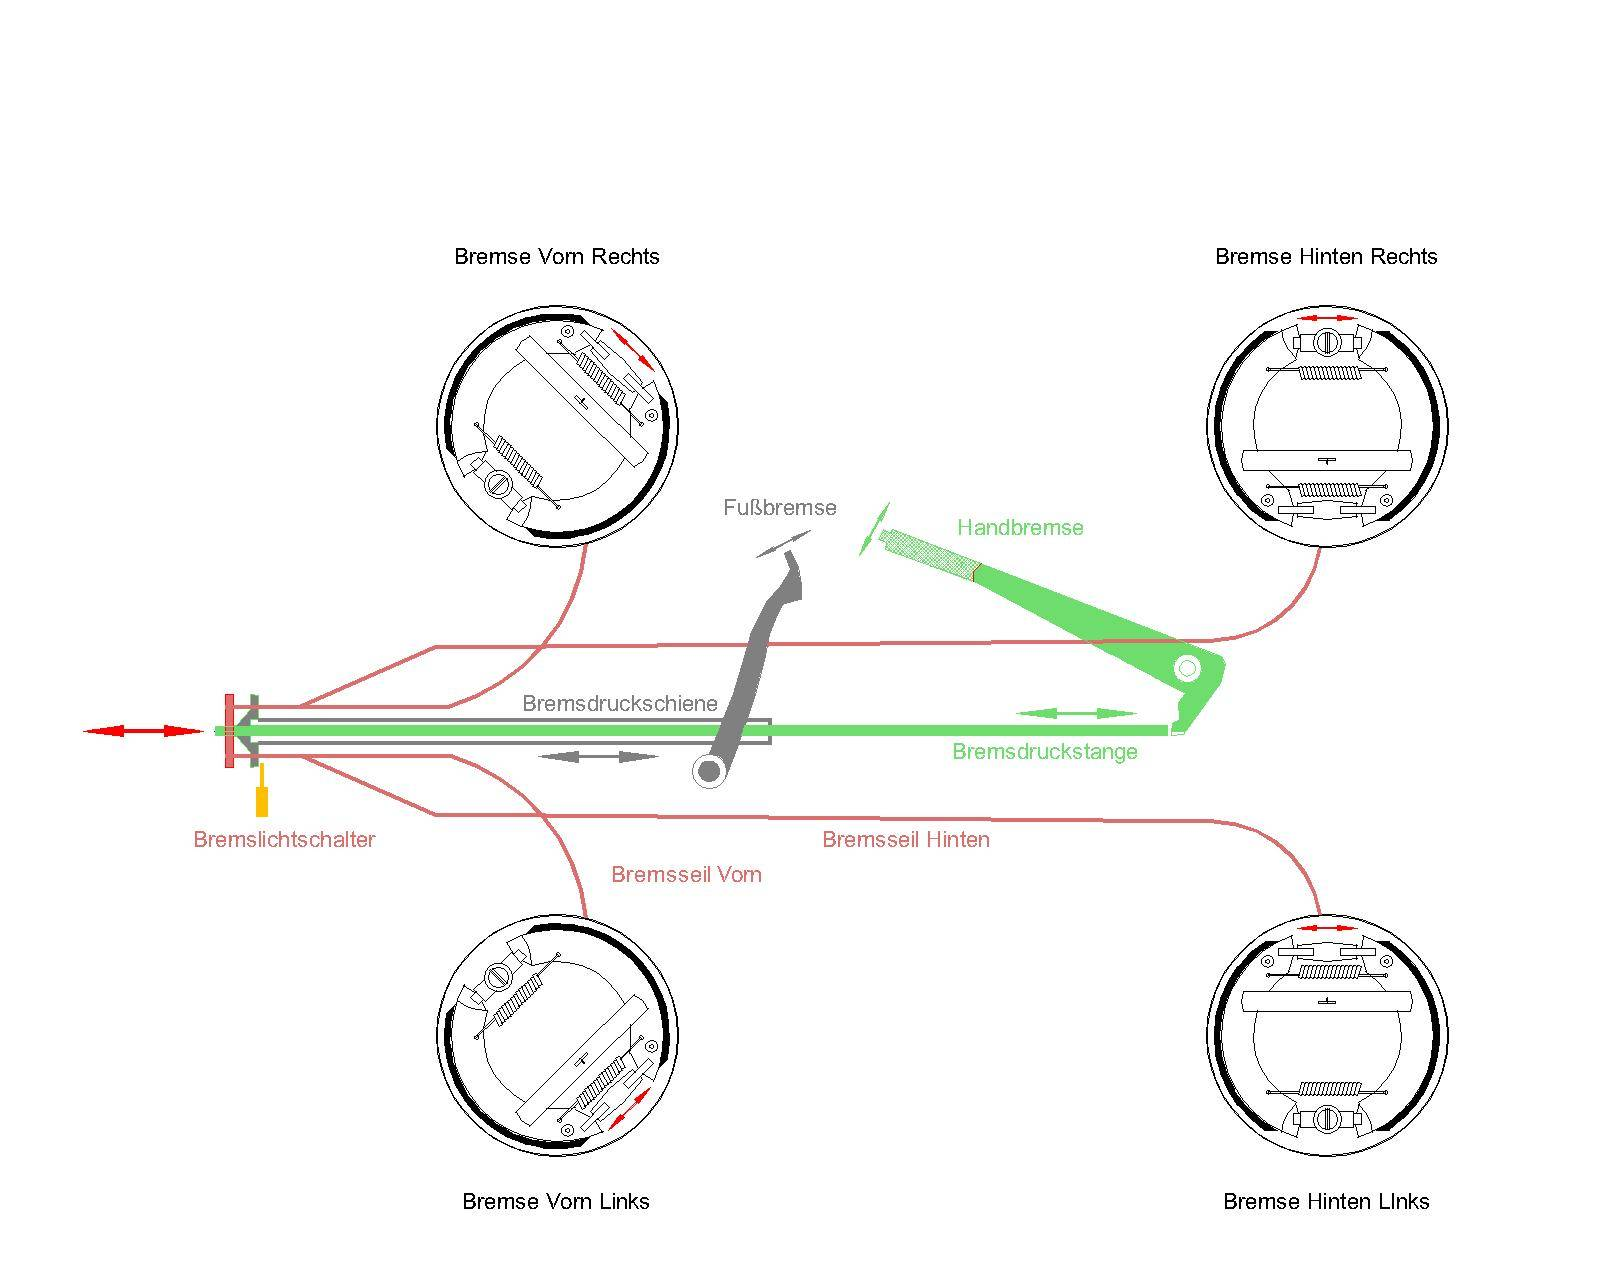 Fein Elektrodrahtarten Diagramm Ideen - Der Schaltplan - triangre.info